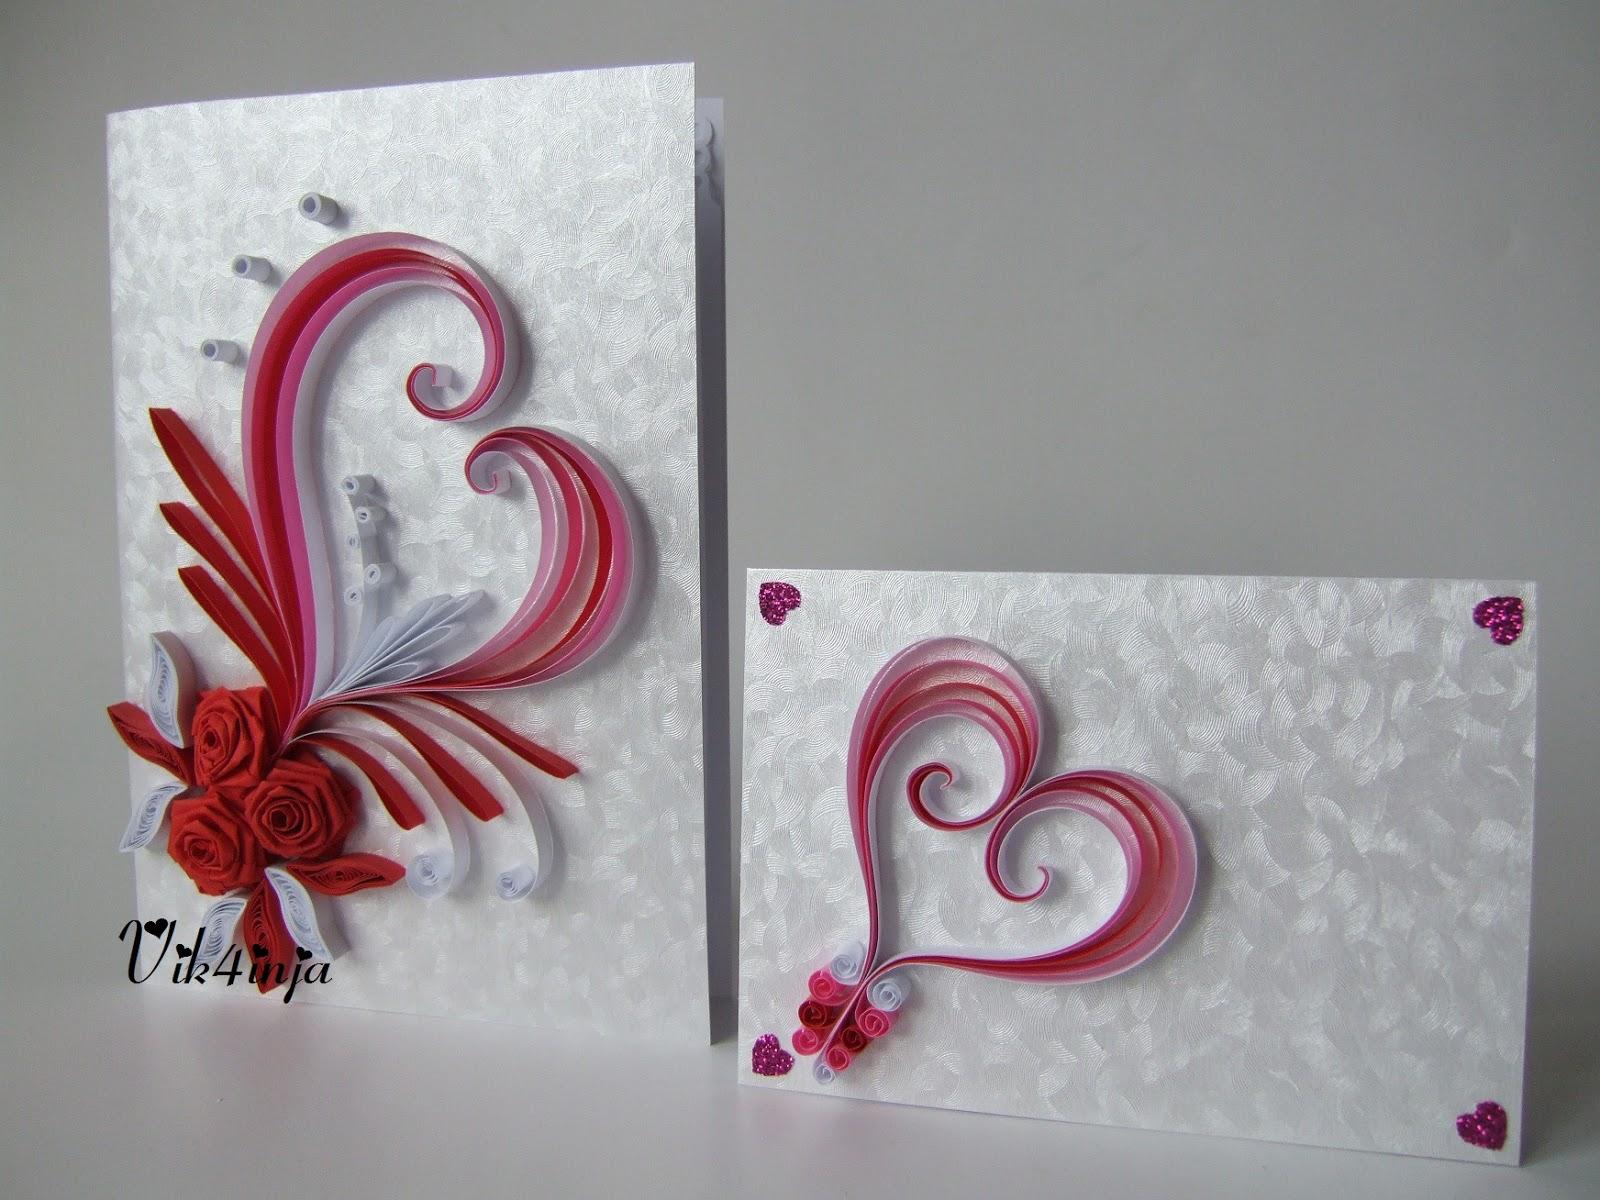 Рисунки для открытки своими руками 47